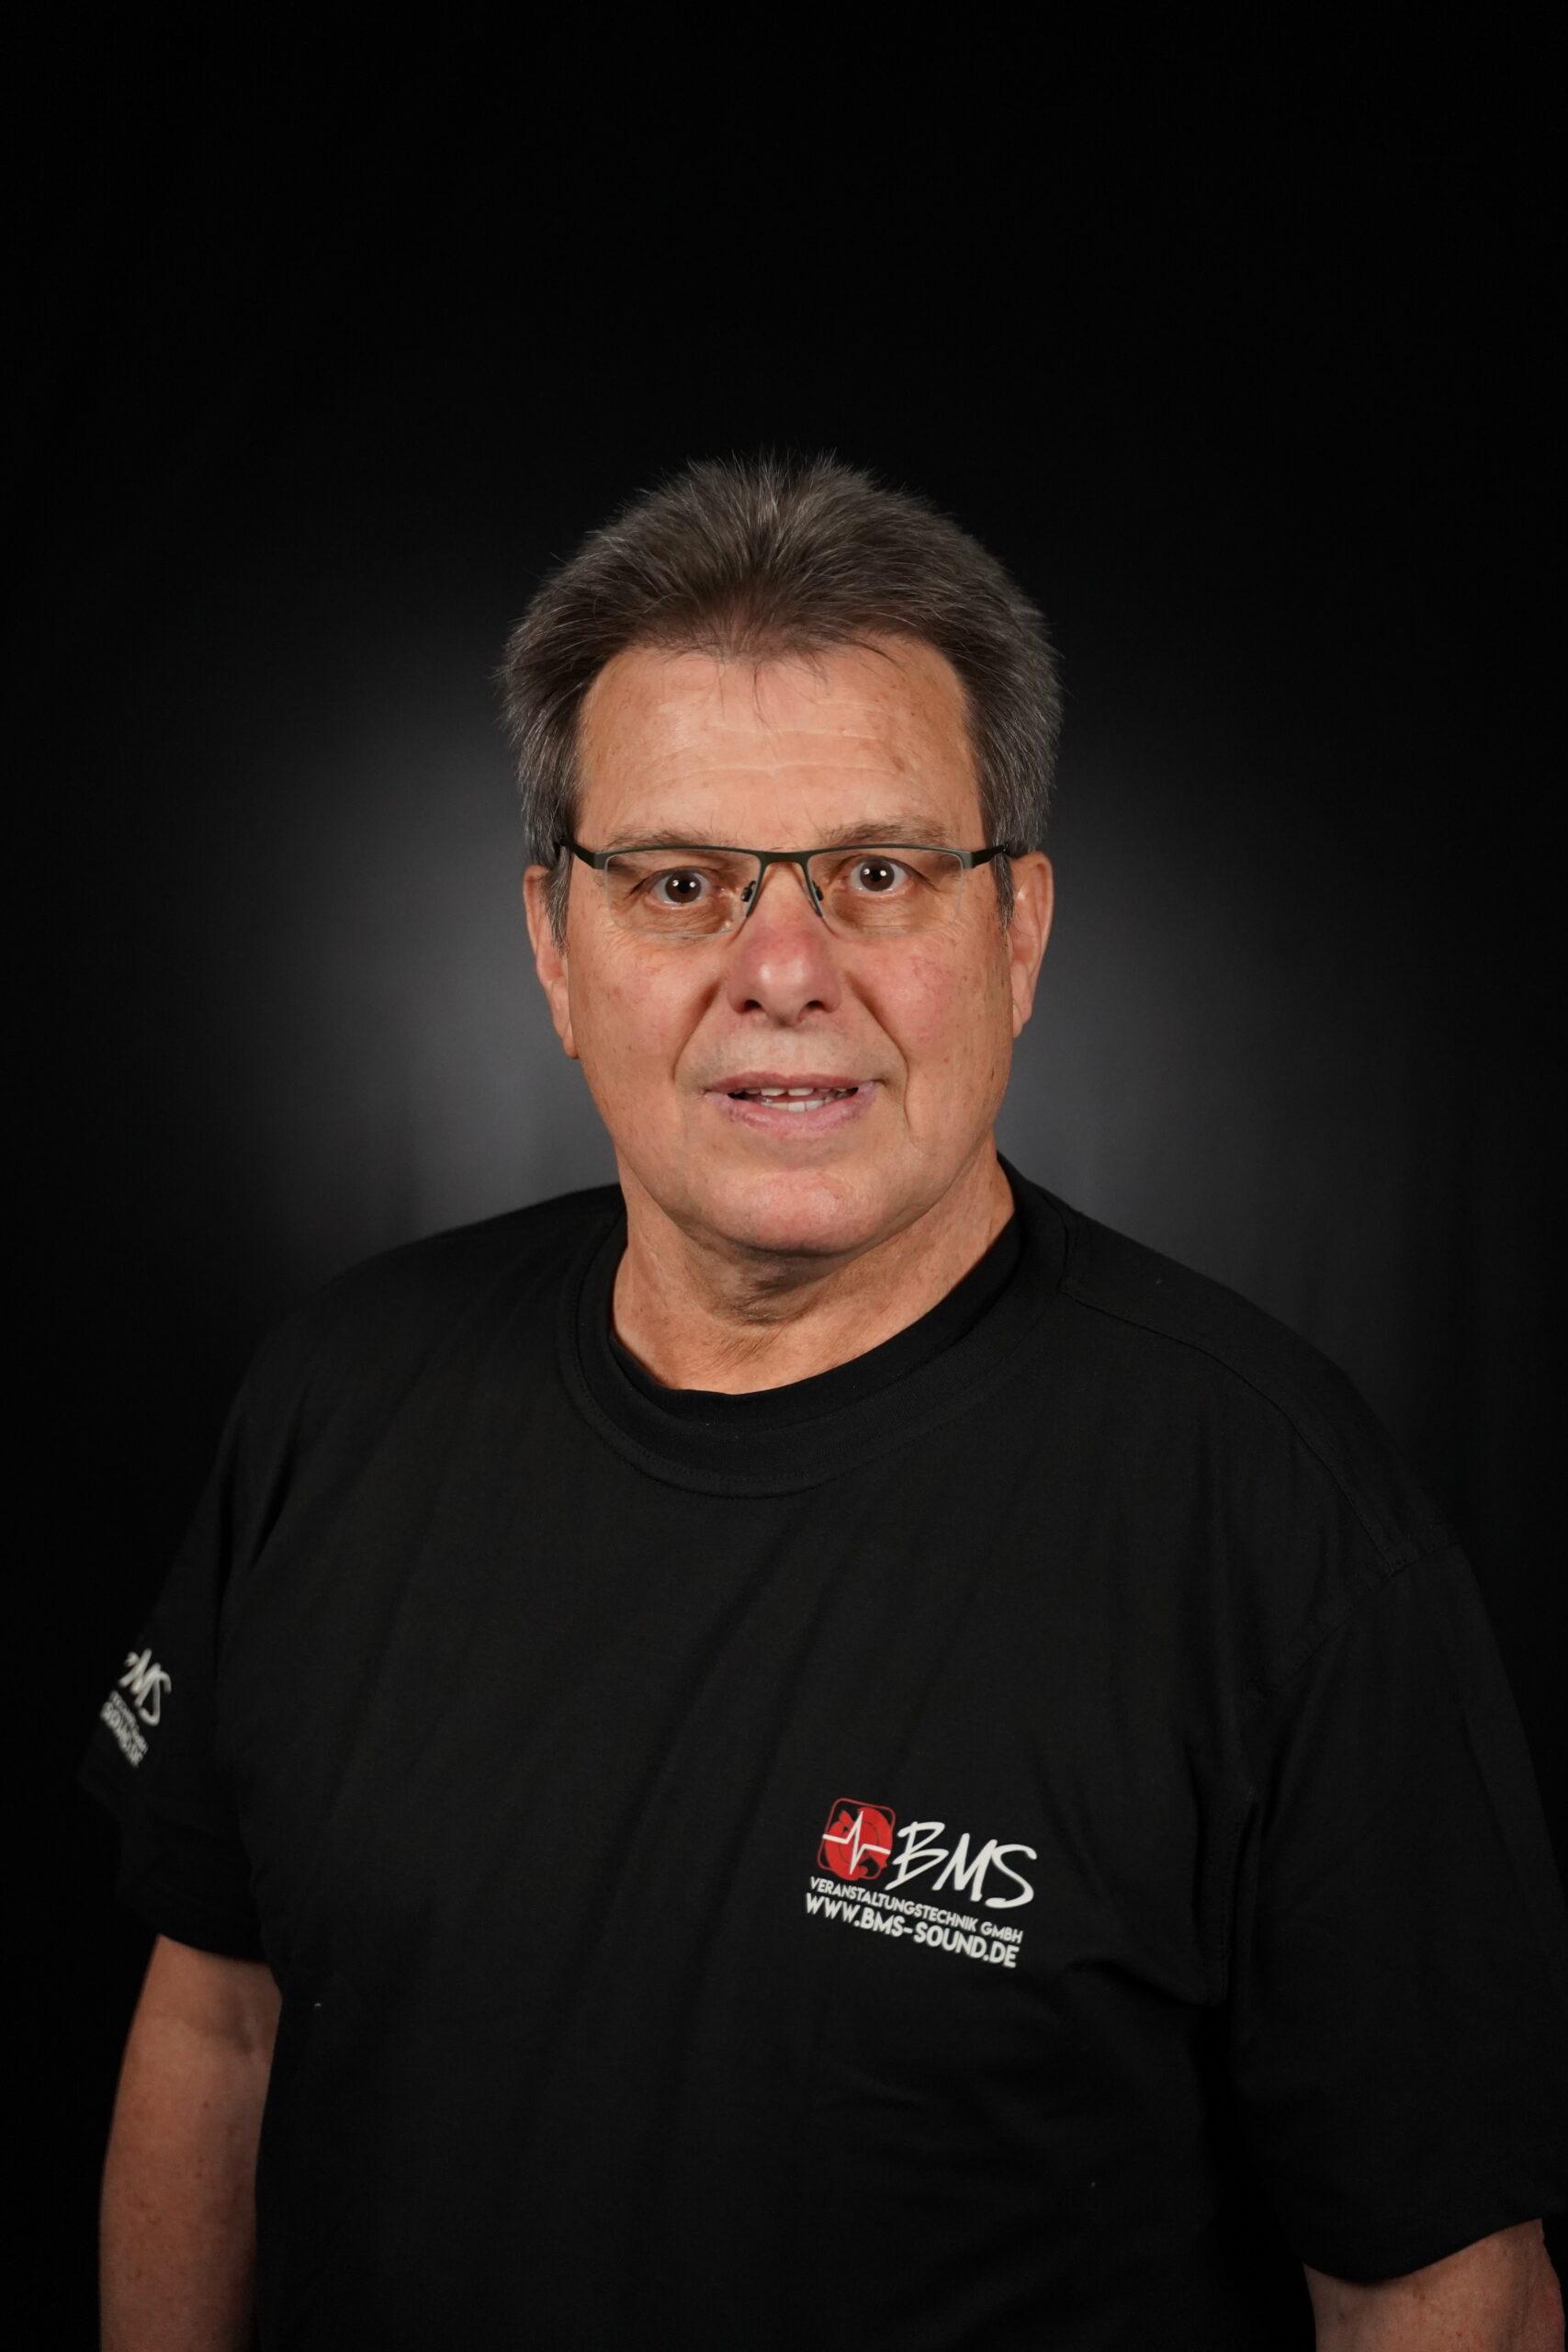 Herbert Buchmüller BMS Veranstaltungstechnik GmbH